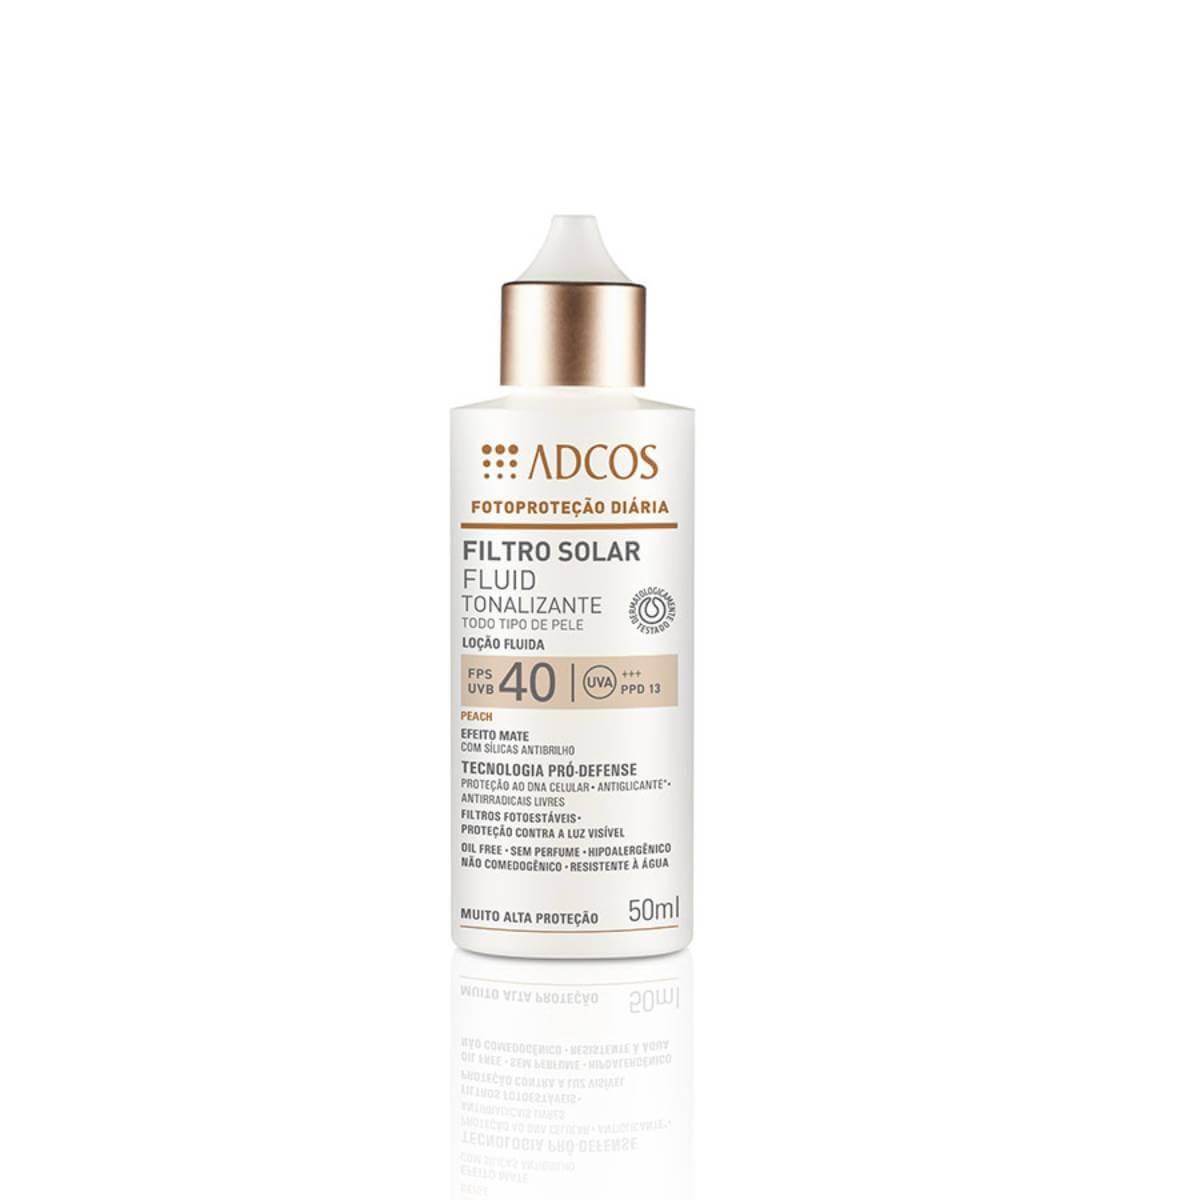 Protetor Solar Facial Adcos Fotoproteção Fluido Tonalizante Peach FPS 40 50ml